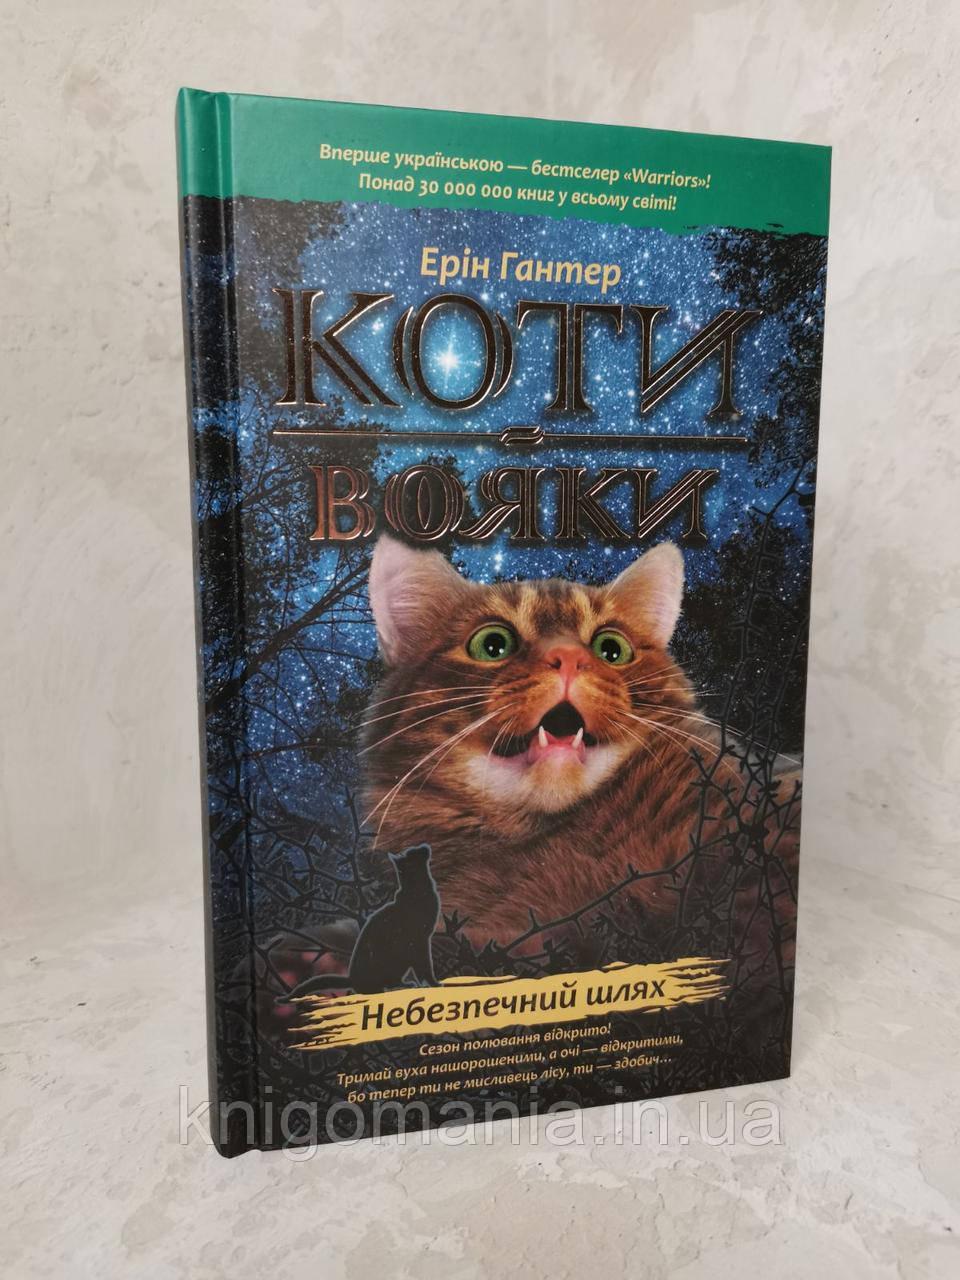 """Книга """"Коти-вояки. Небезпечний шлях""""  Книга 5.Ерін Гантер"""